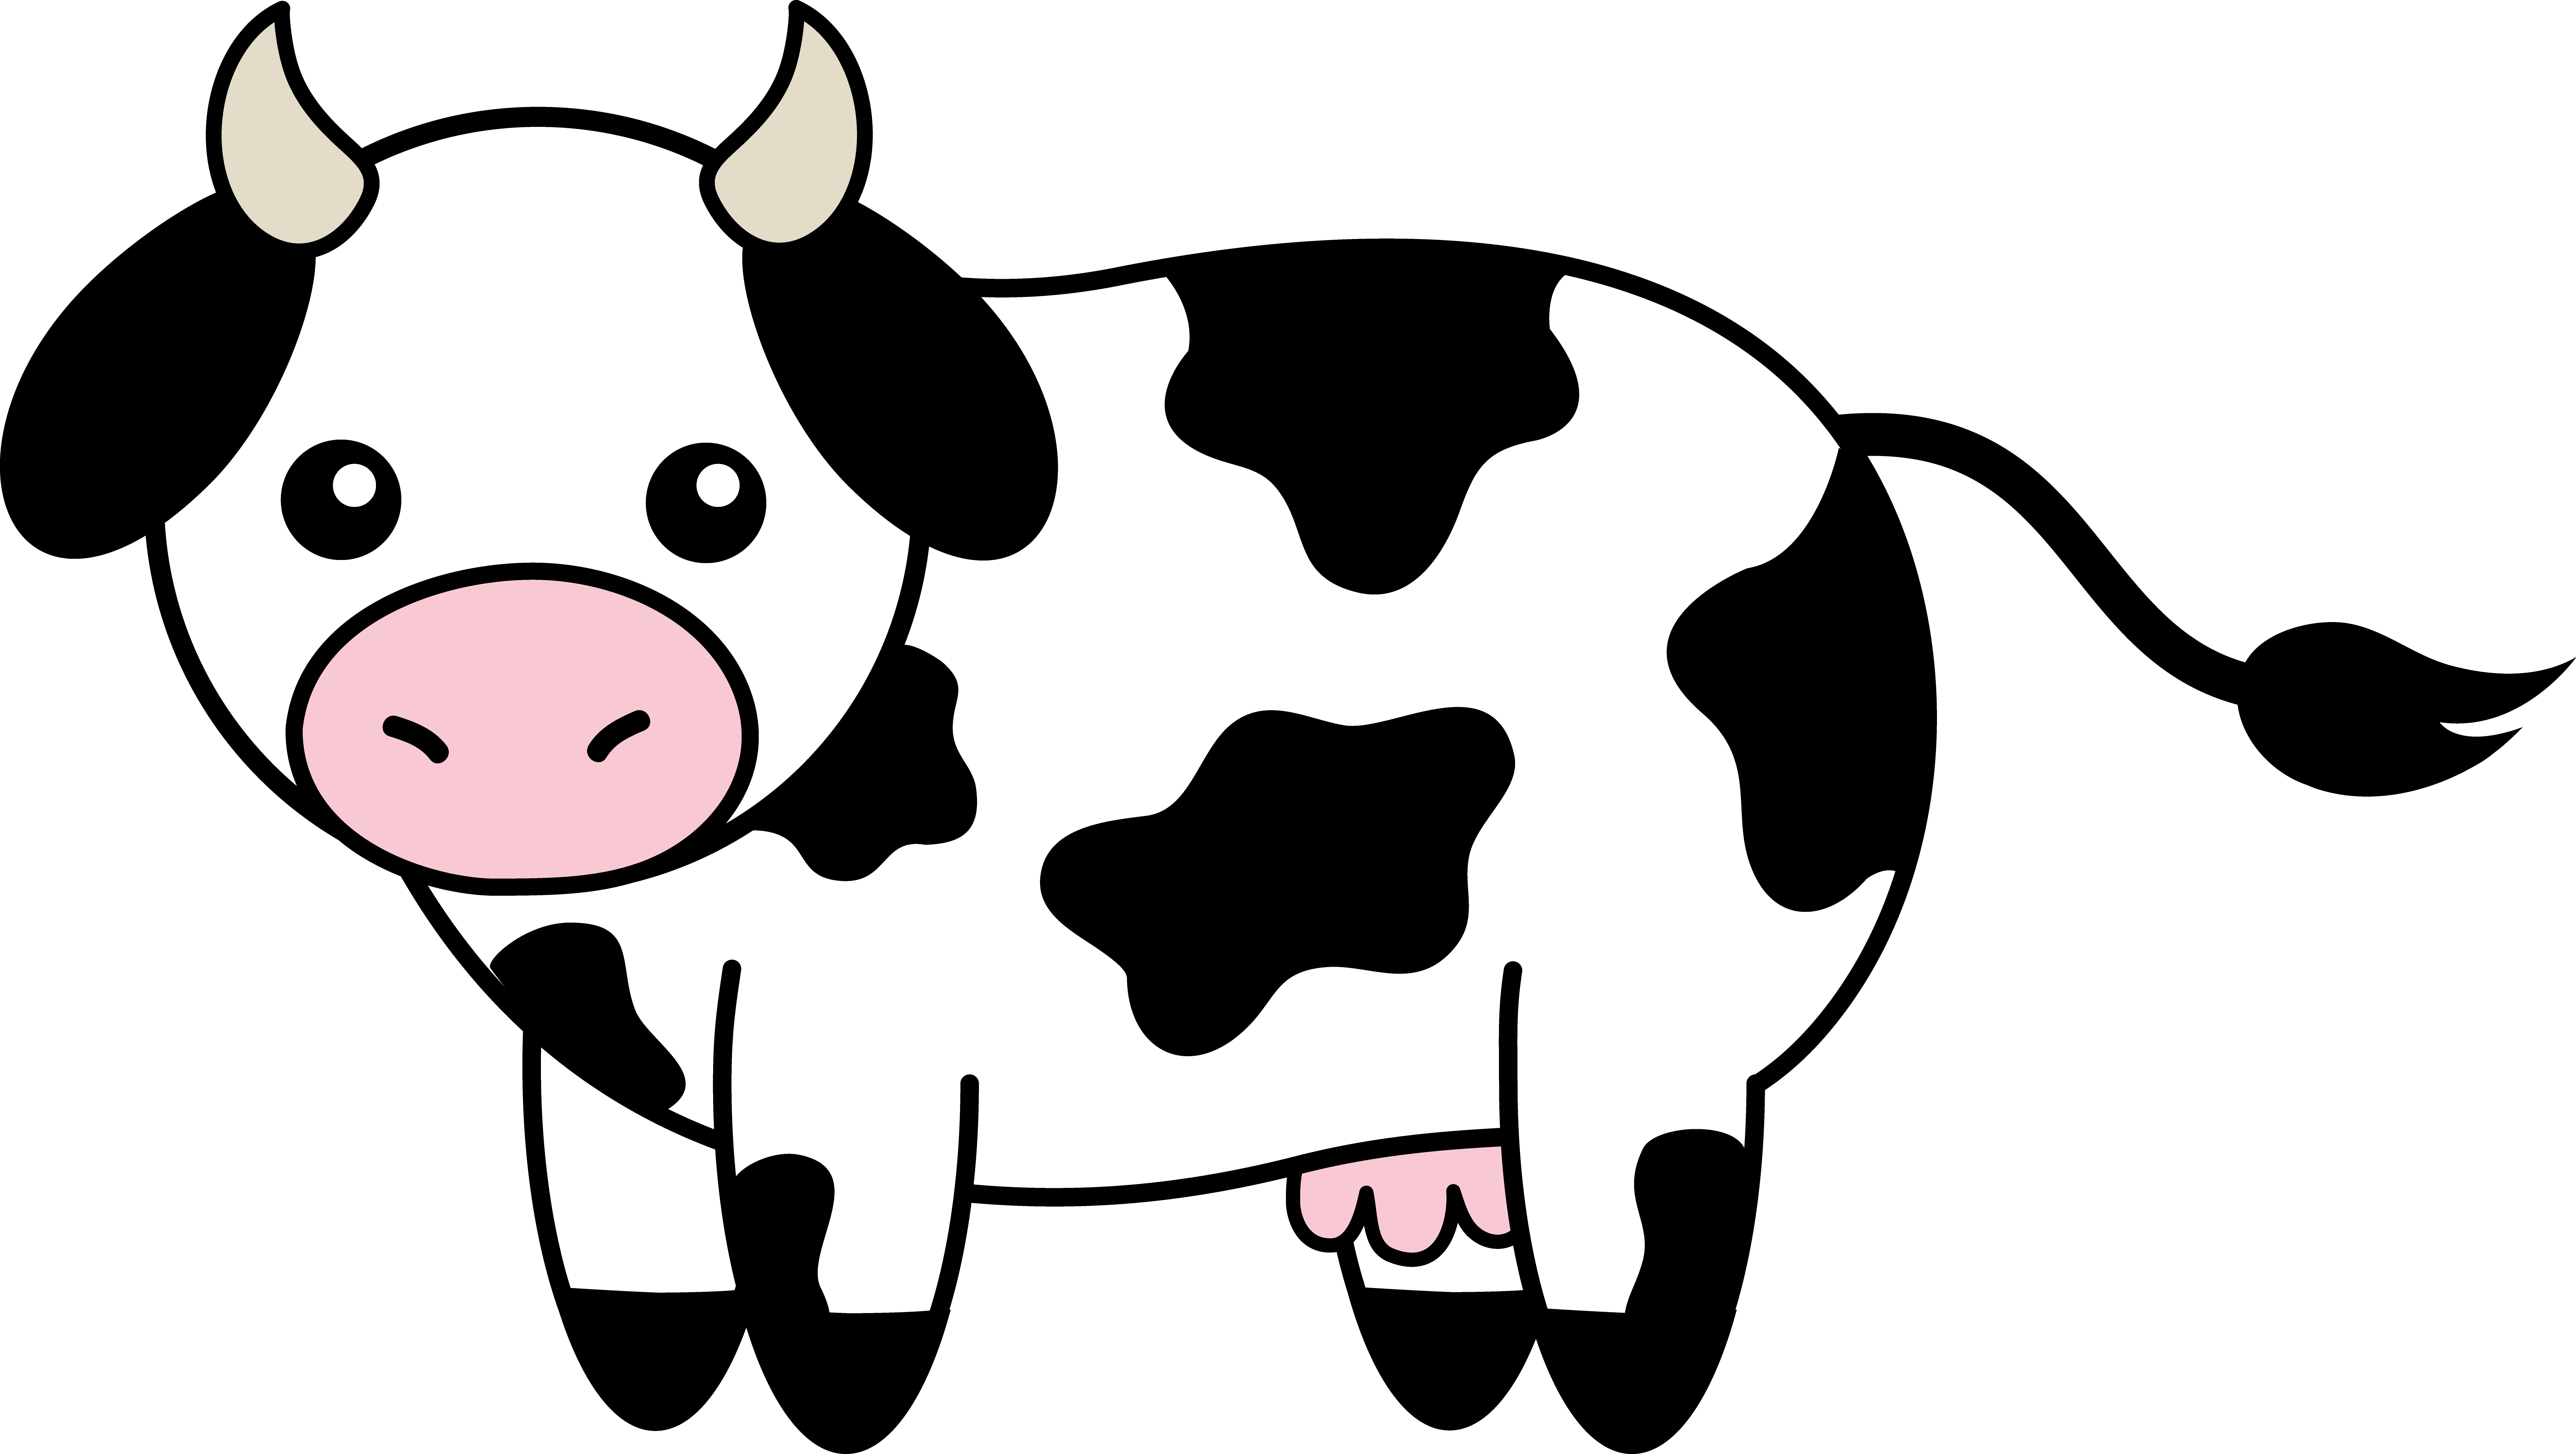 Black cow head clipart - photo#13